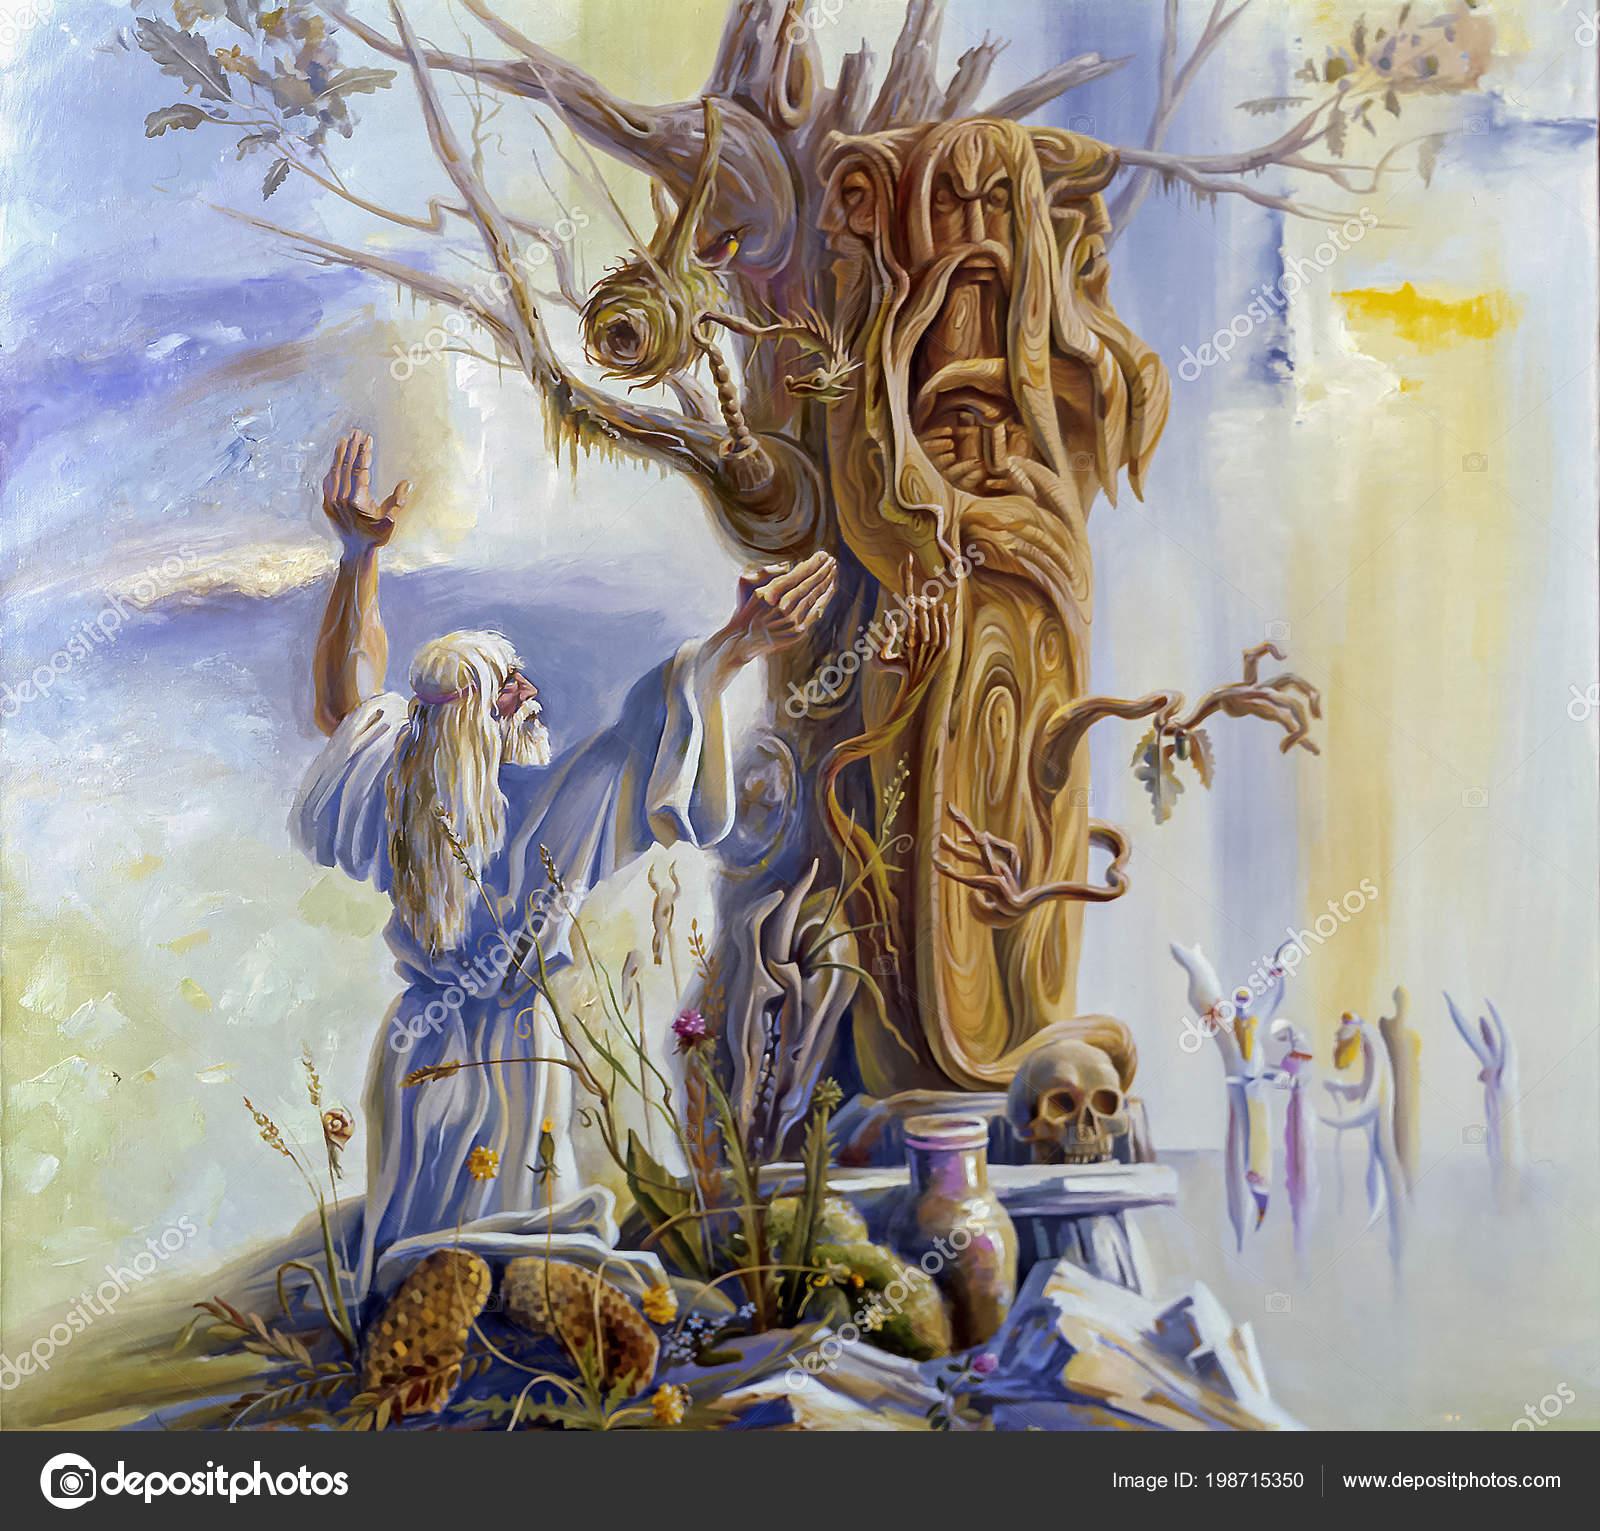 Afbeeldingsresultaat voor slavic paganism